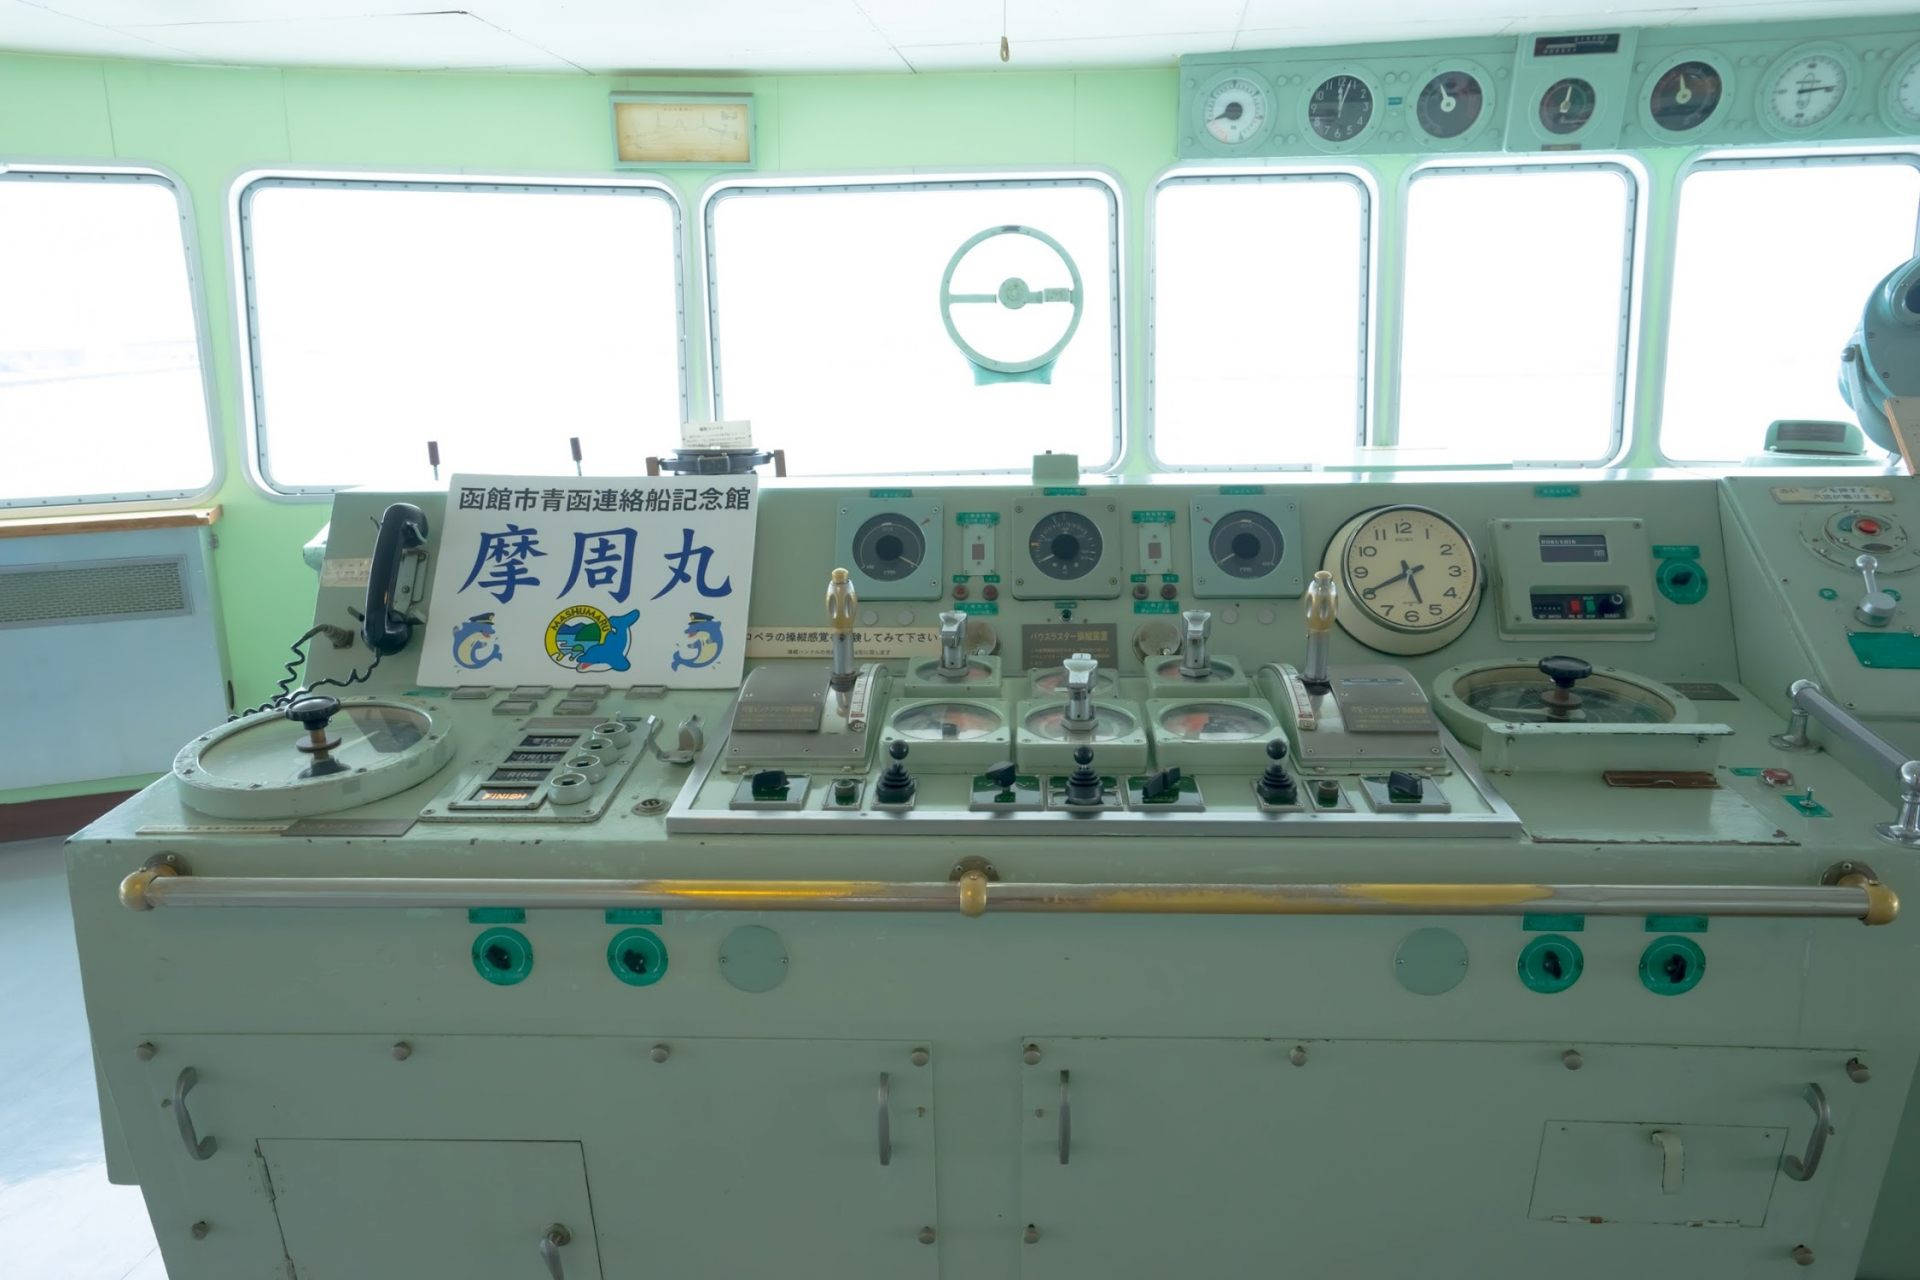 操舵室还保持着当年的模样